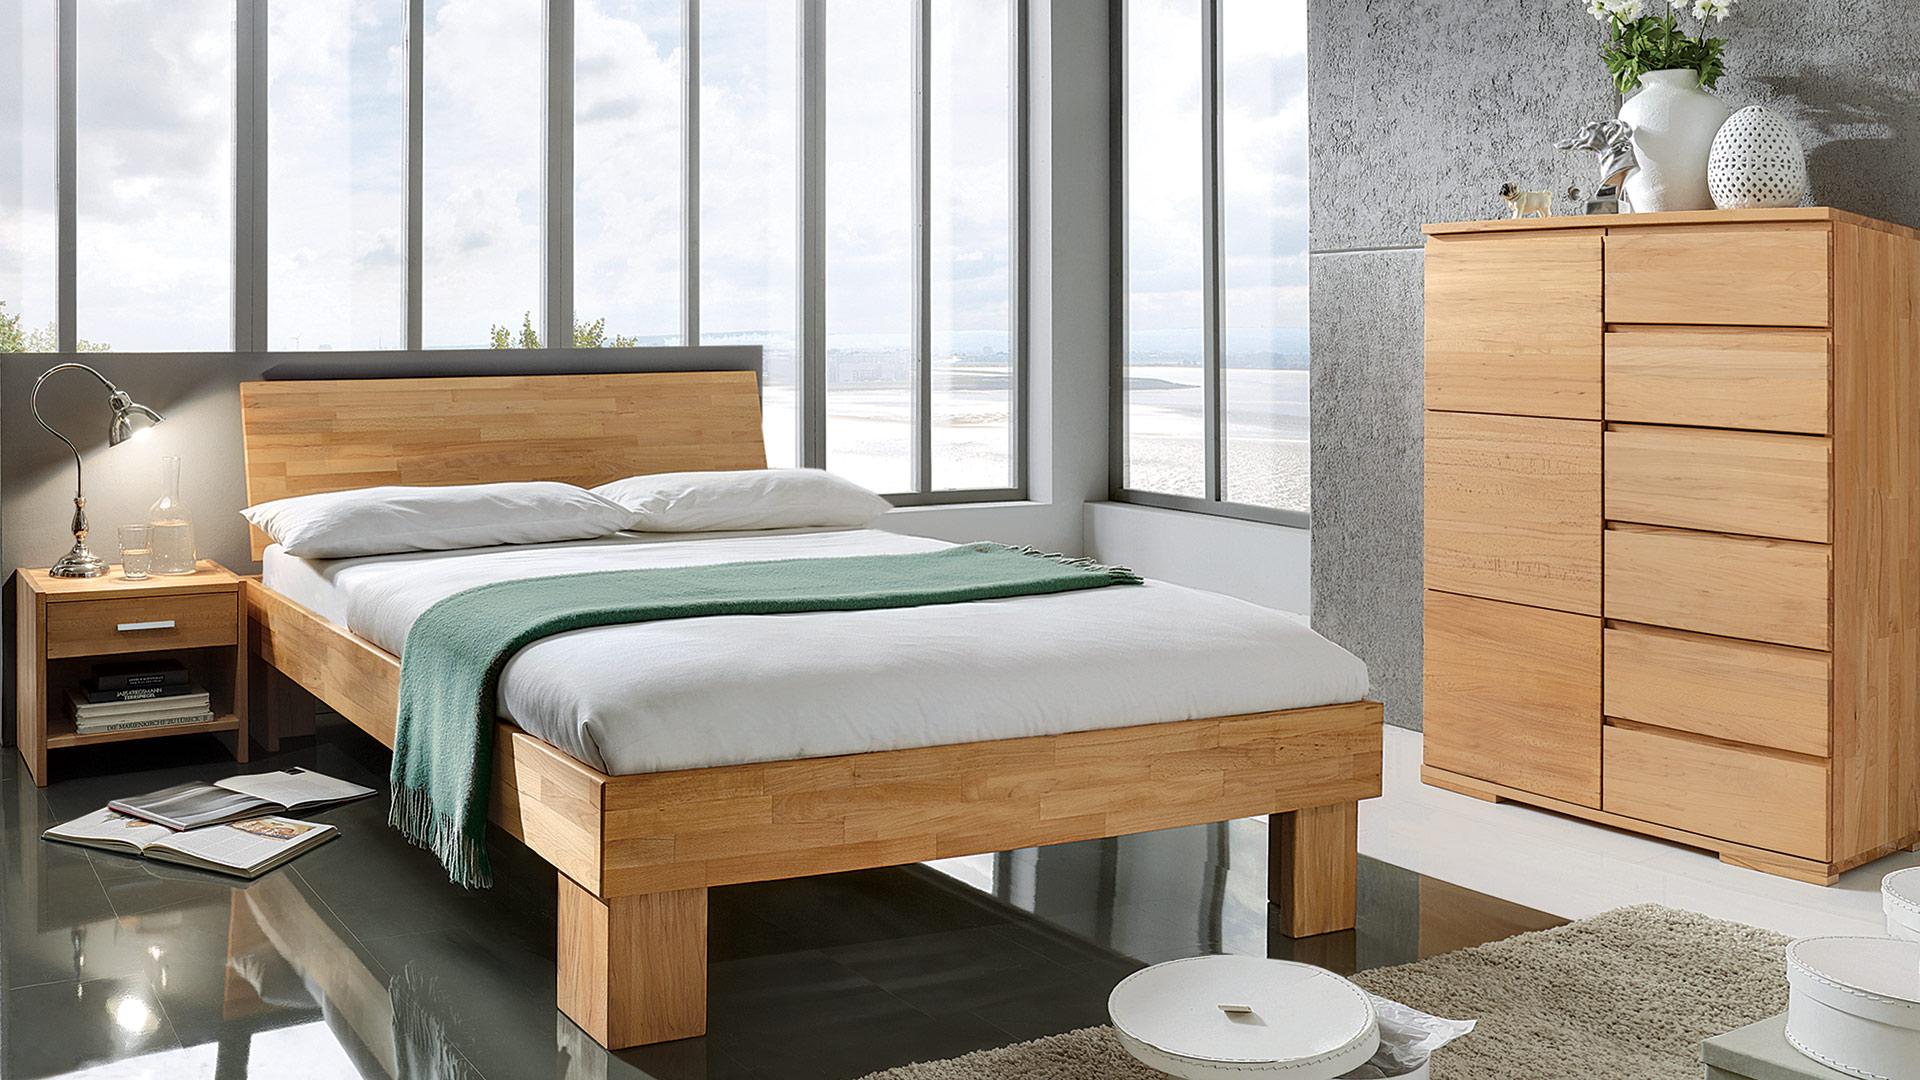 doppelbett cepo. Black Bedroom Furniture Sets. Home Design Ideas